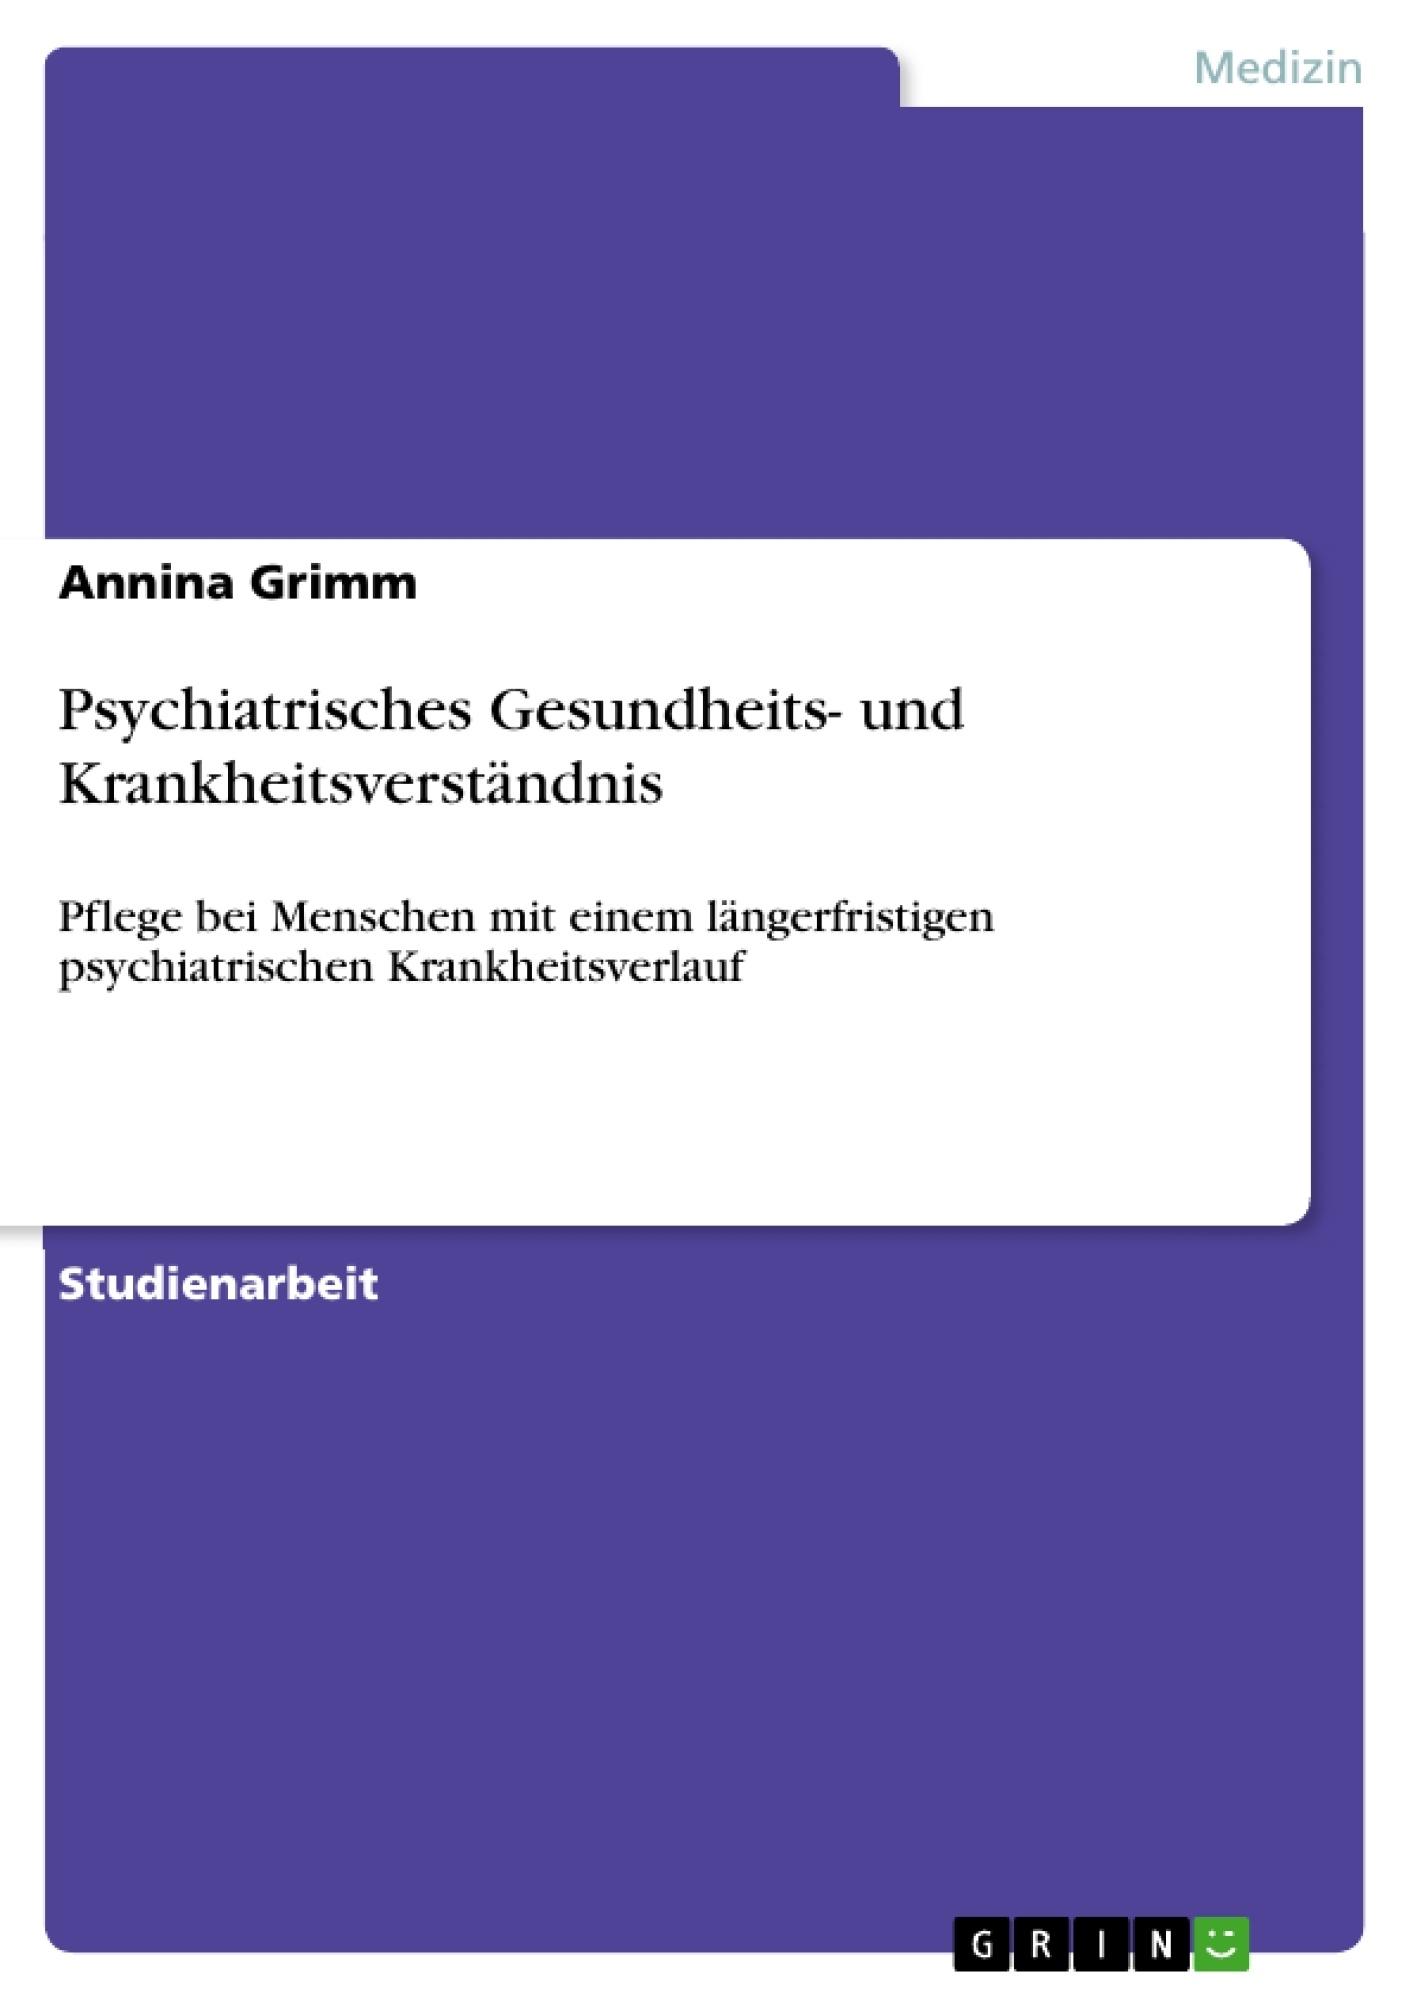 Titel: Psychiatrisches Gesundheits- und Krankheitsverständnis